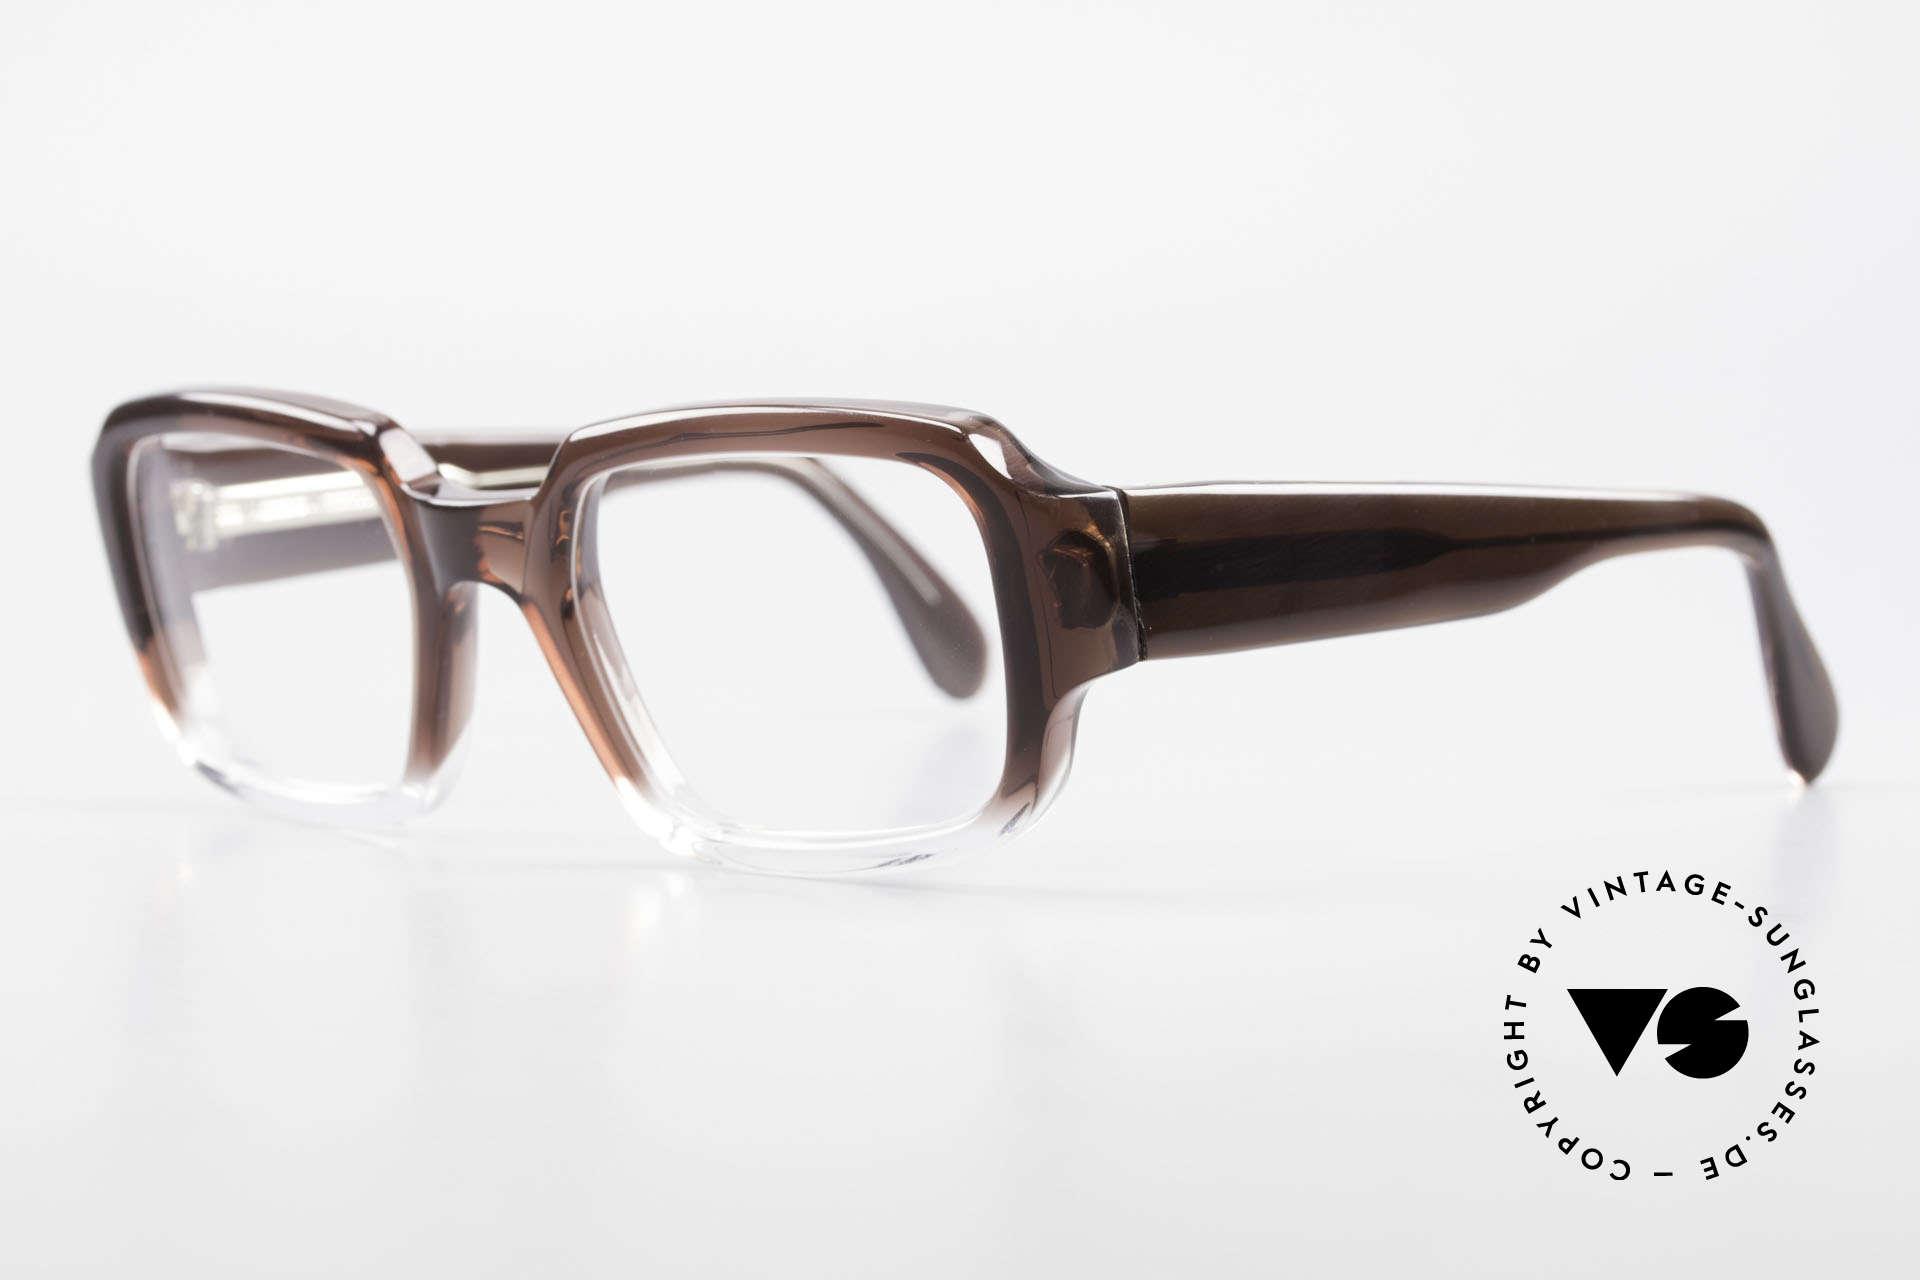 Metzler 4005 Alte Original Marwitz Brille, absolut identisch zu den alten METZLER Modellen, Passend für Herren